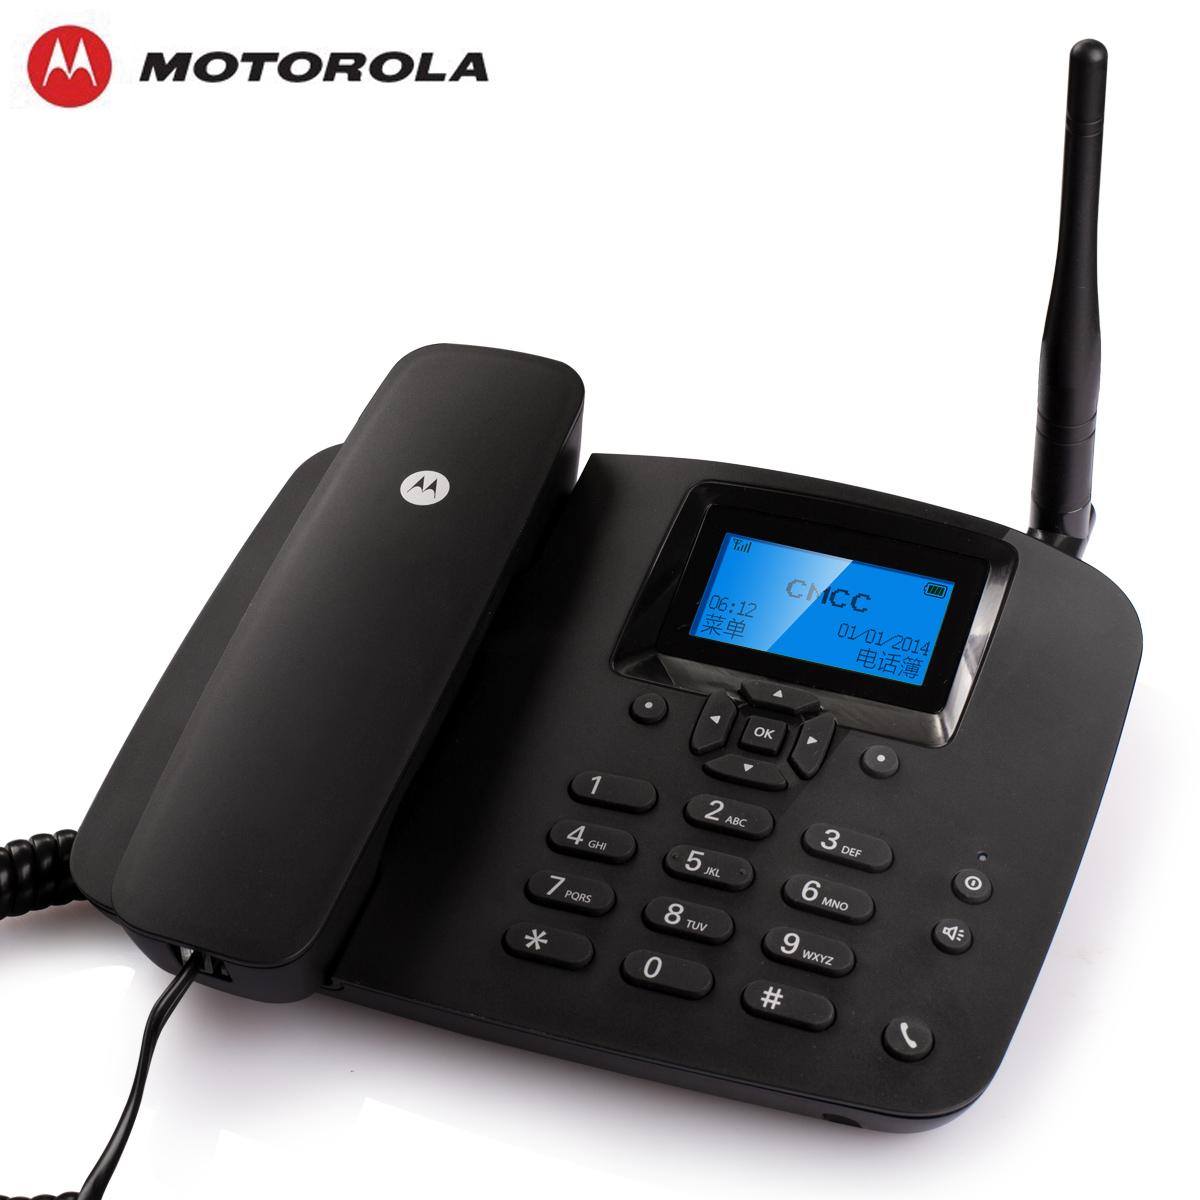 摩托罗拉FW200L无线固话座机插卡电话机移动联通4G办公家